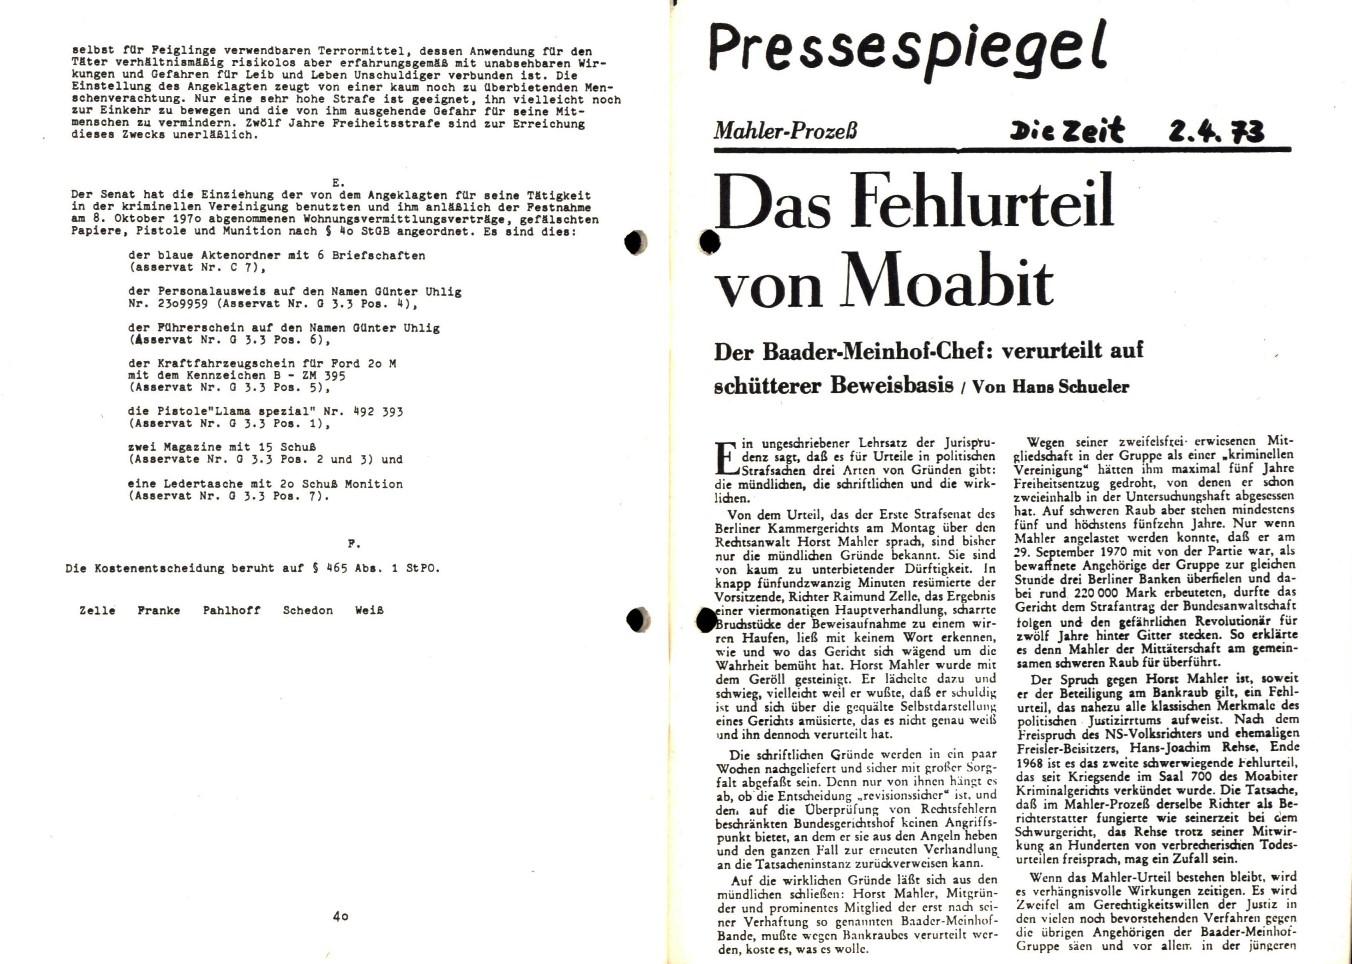 Berlin_Komitee_Mahler_Dokumentation_2_21